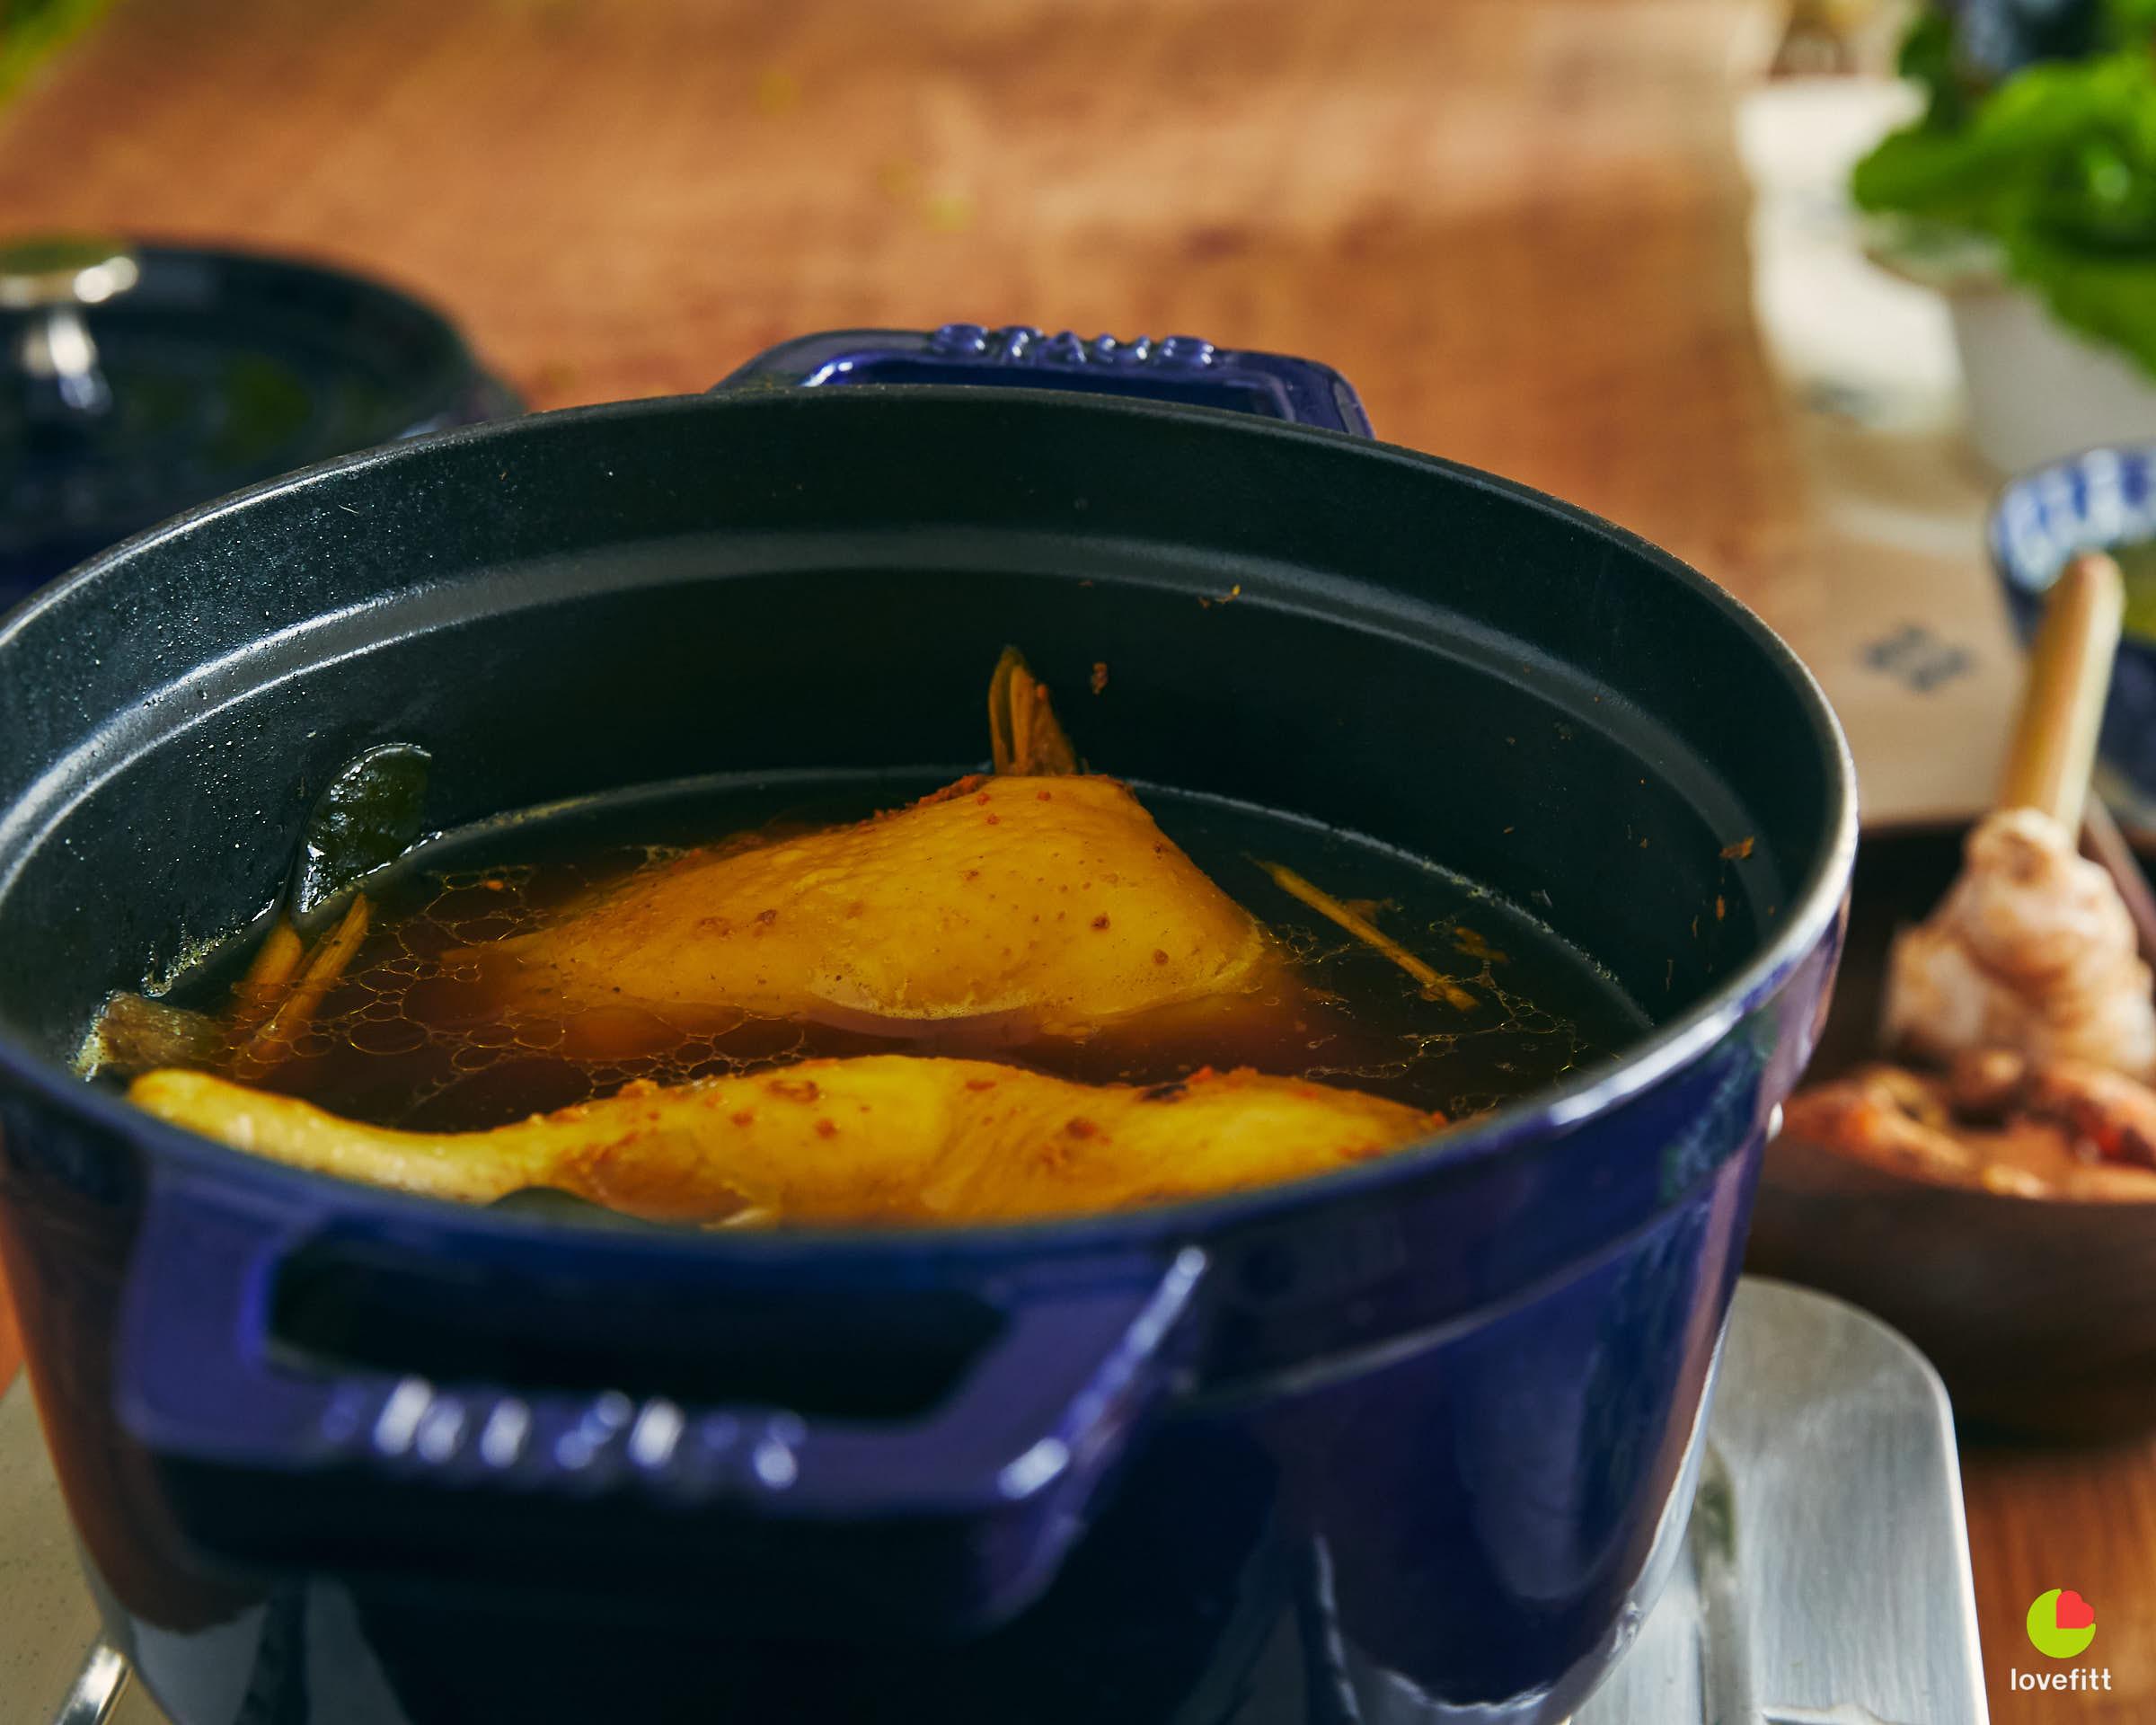 ไก่ต้มน้ำปลา-สมุนไพรได้ที่แล้ว